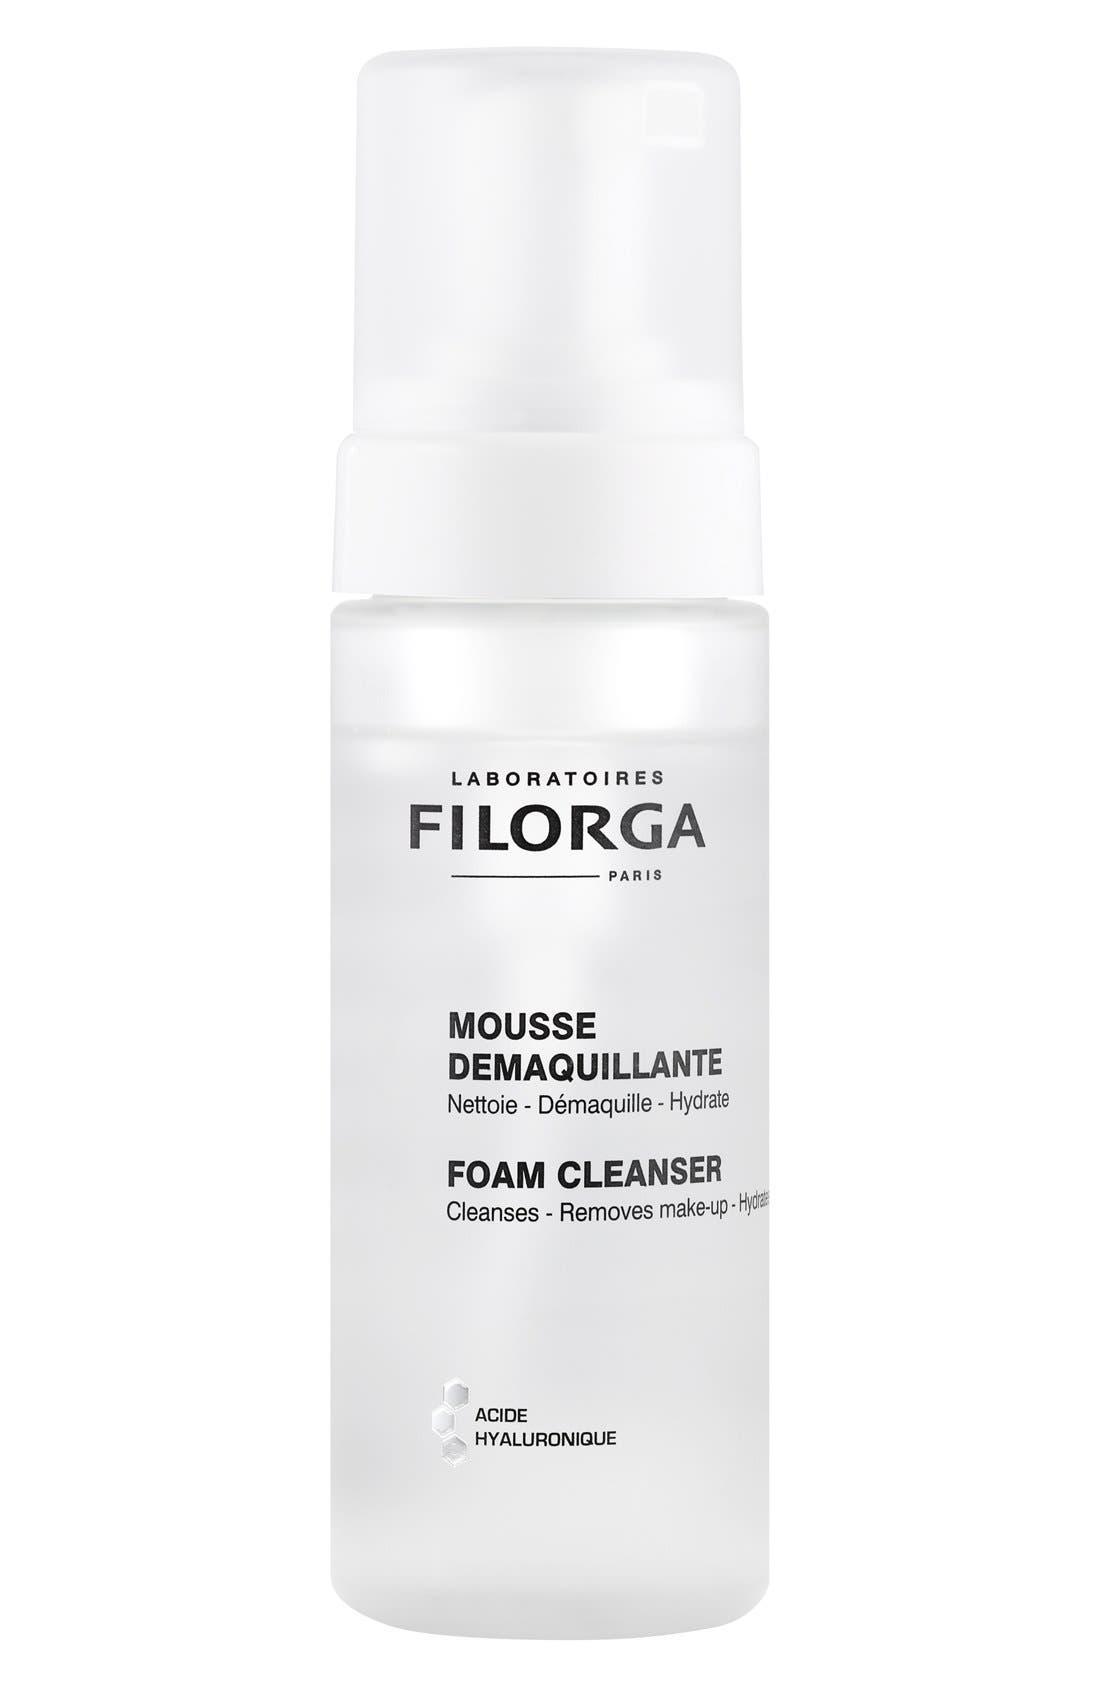 FilorgaFoam Cleanser